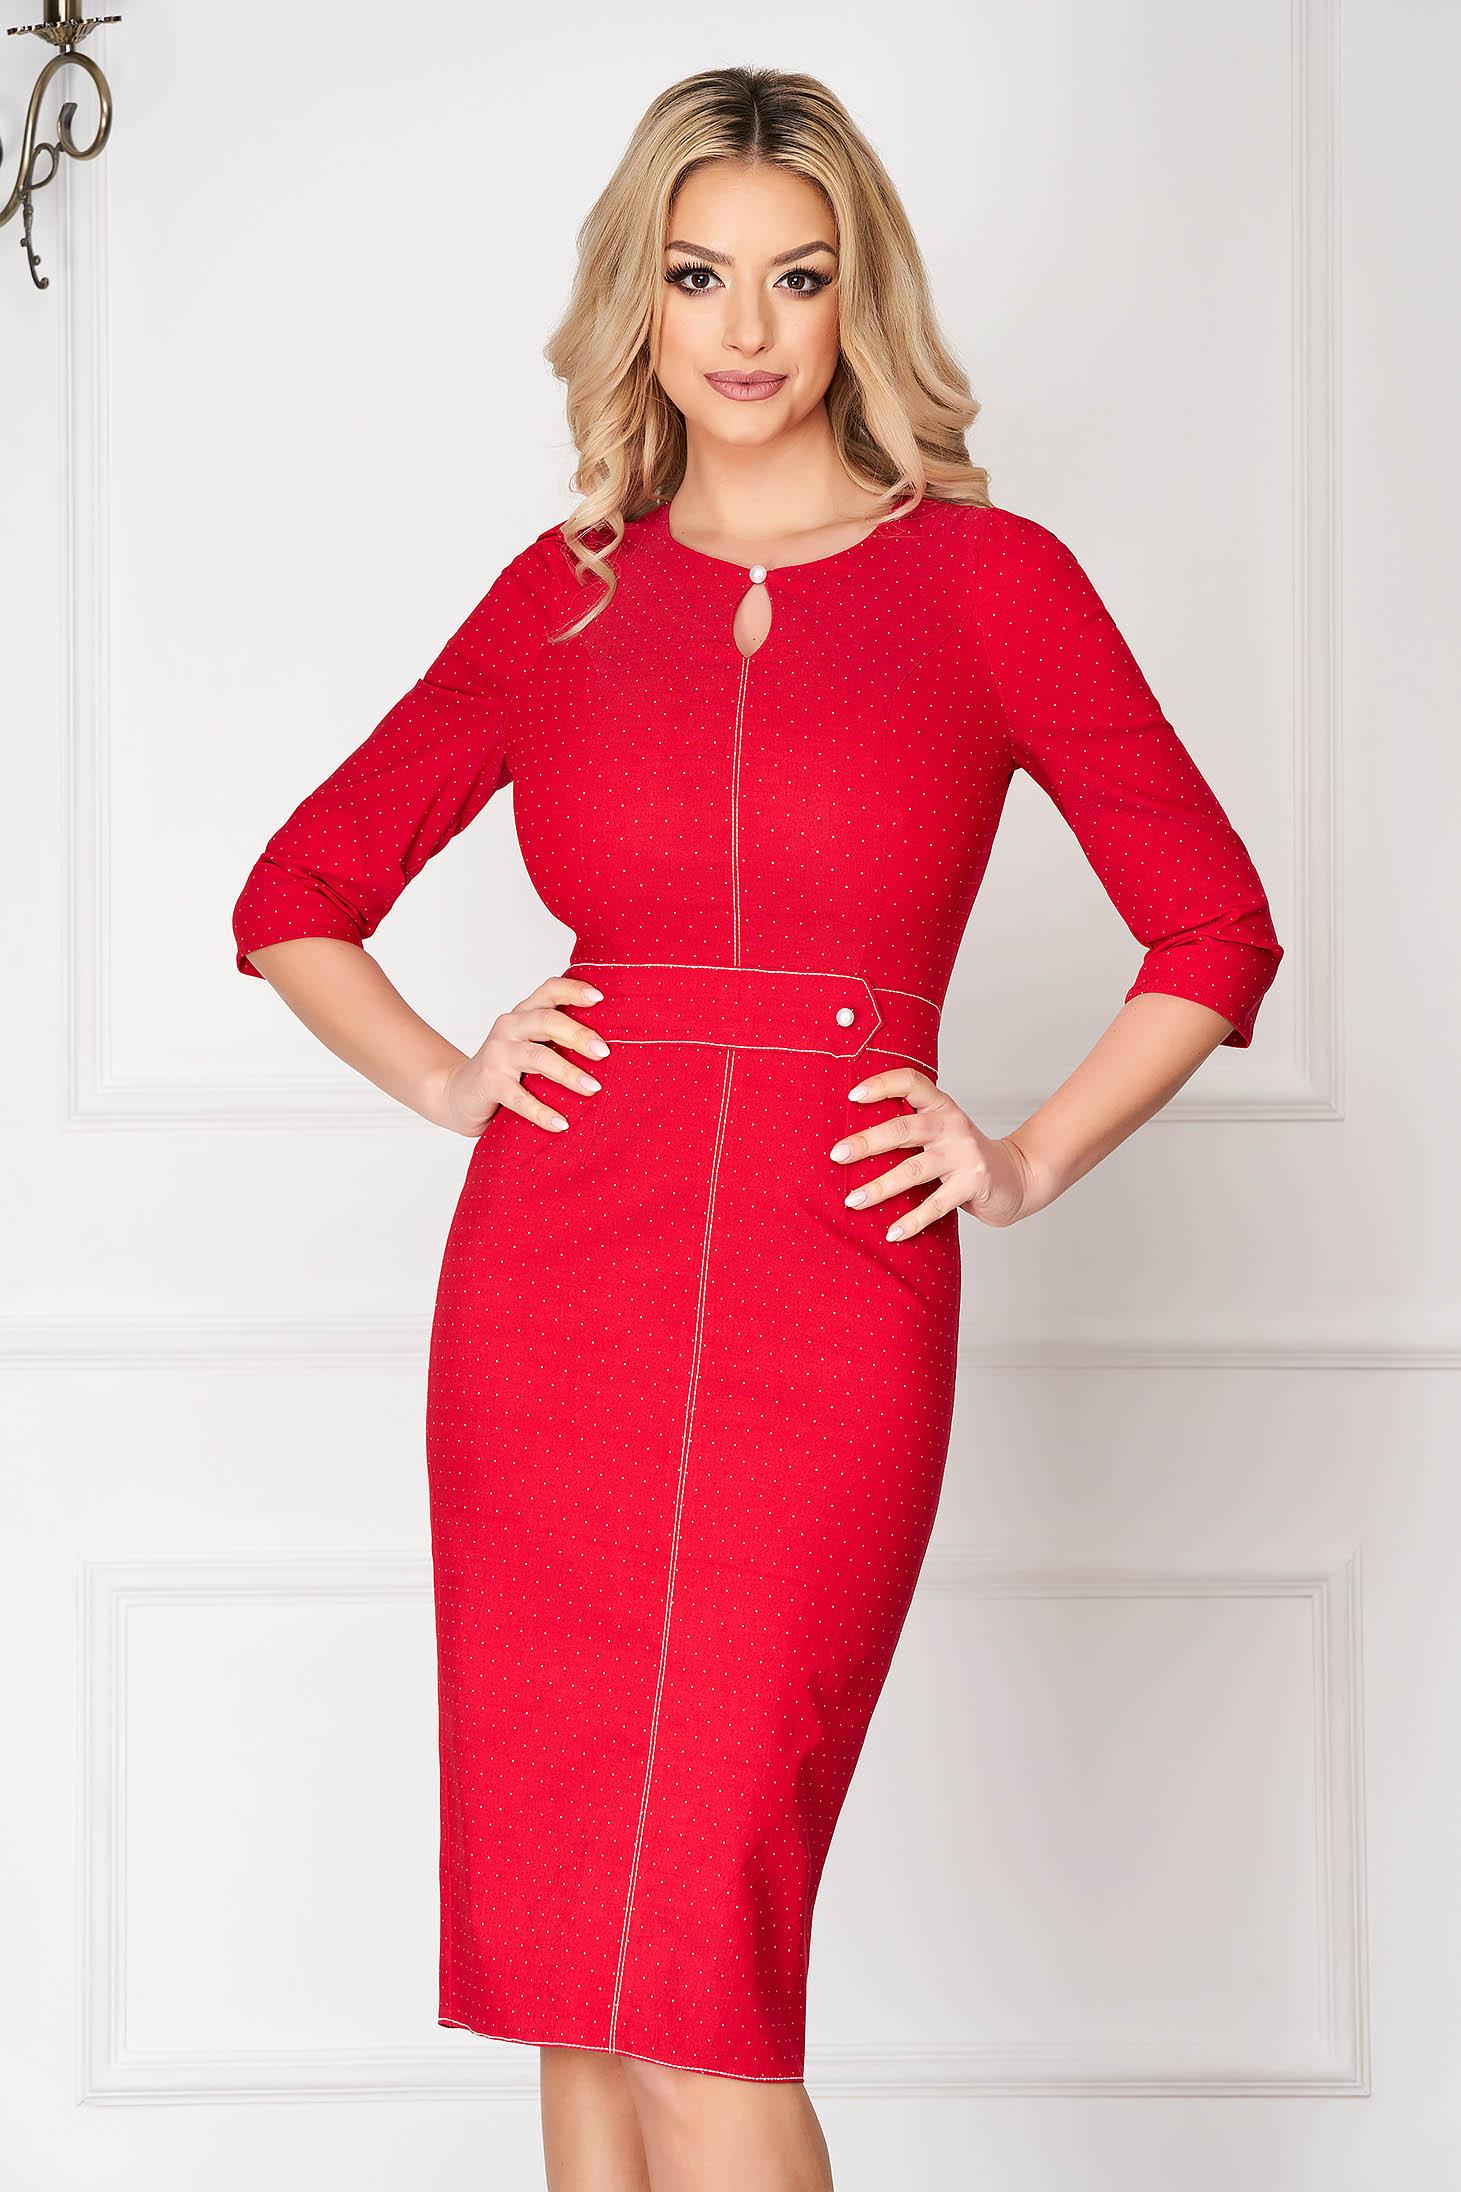 Rochie rosie eleganta midi tip creion cu maneci bufante cu accesoriu tip curea se inchide cu un nasture